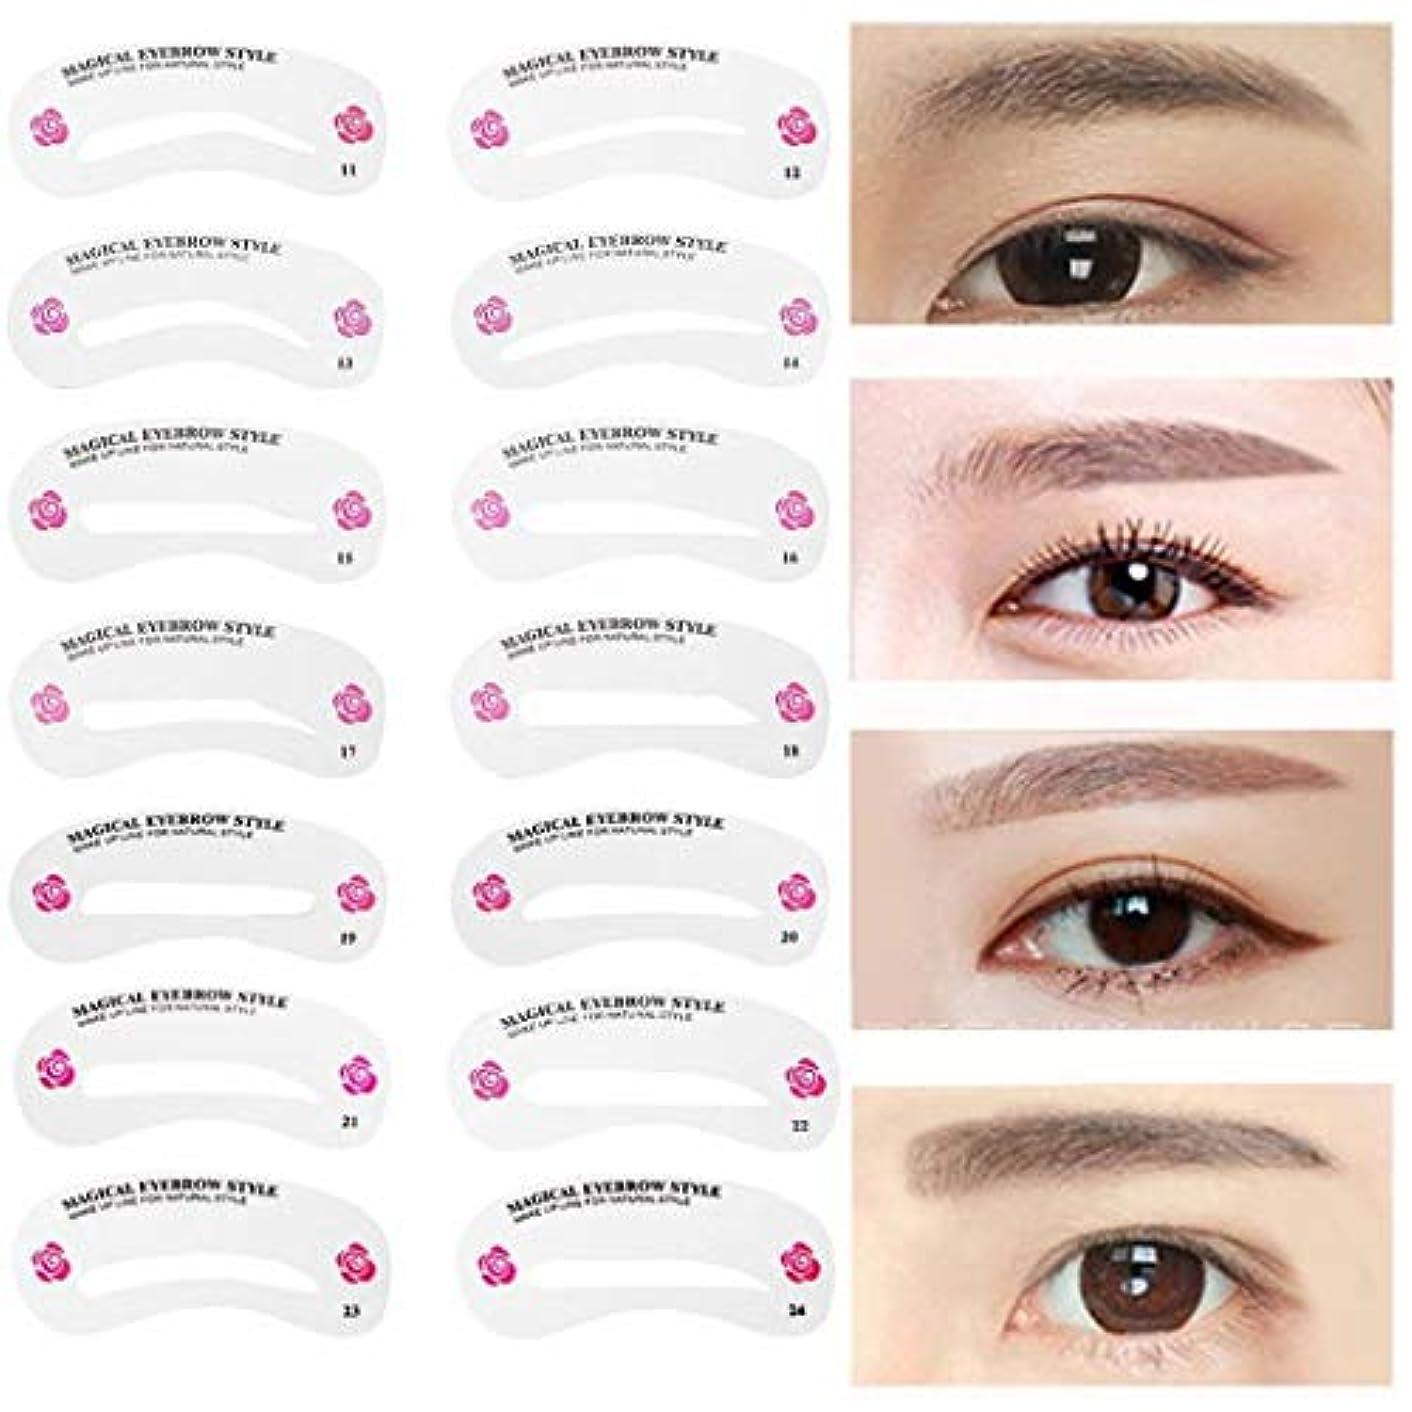 透明に効率助手24種類 眉毛テンプレート24枚セット 太眉対応 24パターン 眉毛を気分で使い分け 眉用ステンシル